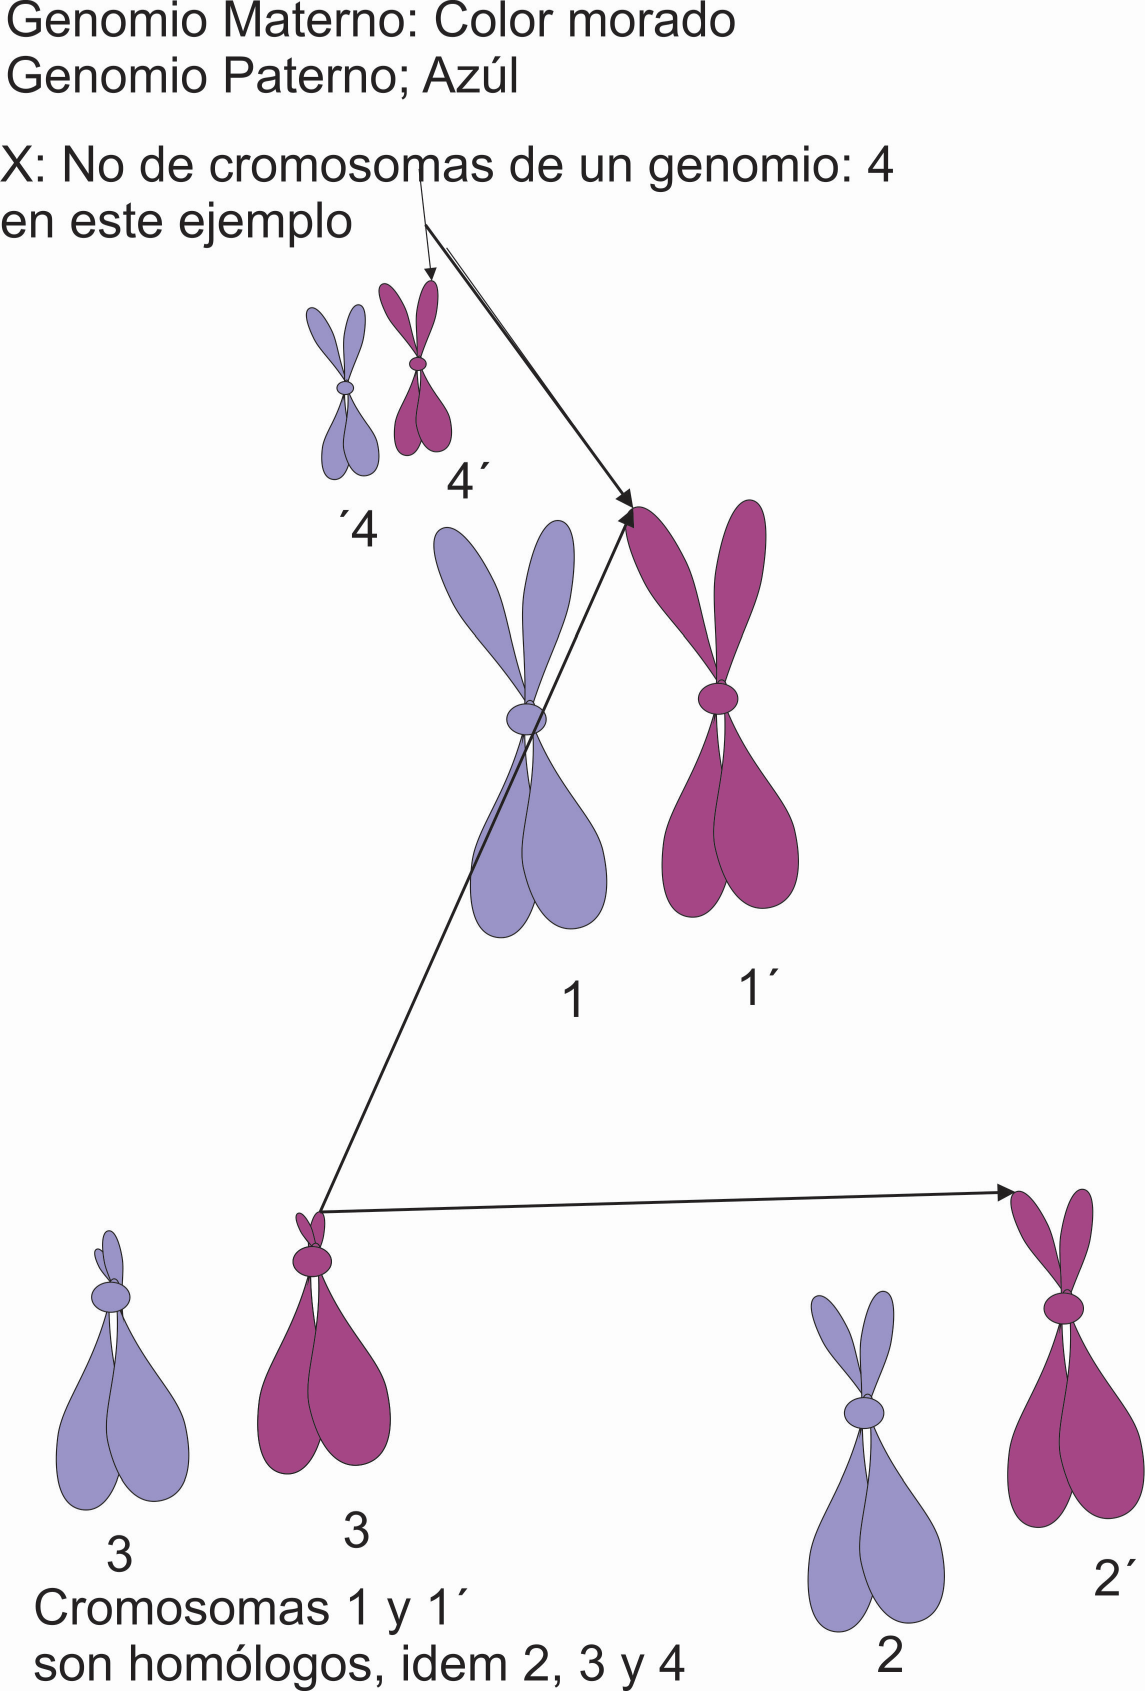 Ejemplo de cada genomio de un animal. En este caso de 2n:6 cromosomas, 3 pares de cromosomas homólogos y dos genomios con tres cromosomas cada uno. Un genomio paterno (1 cromosoma 1, un cromosoma 2 y un cromosoma 3) y otro materno. Por Gabriela Iglesias